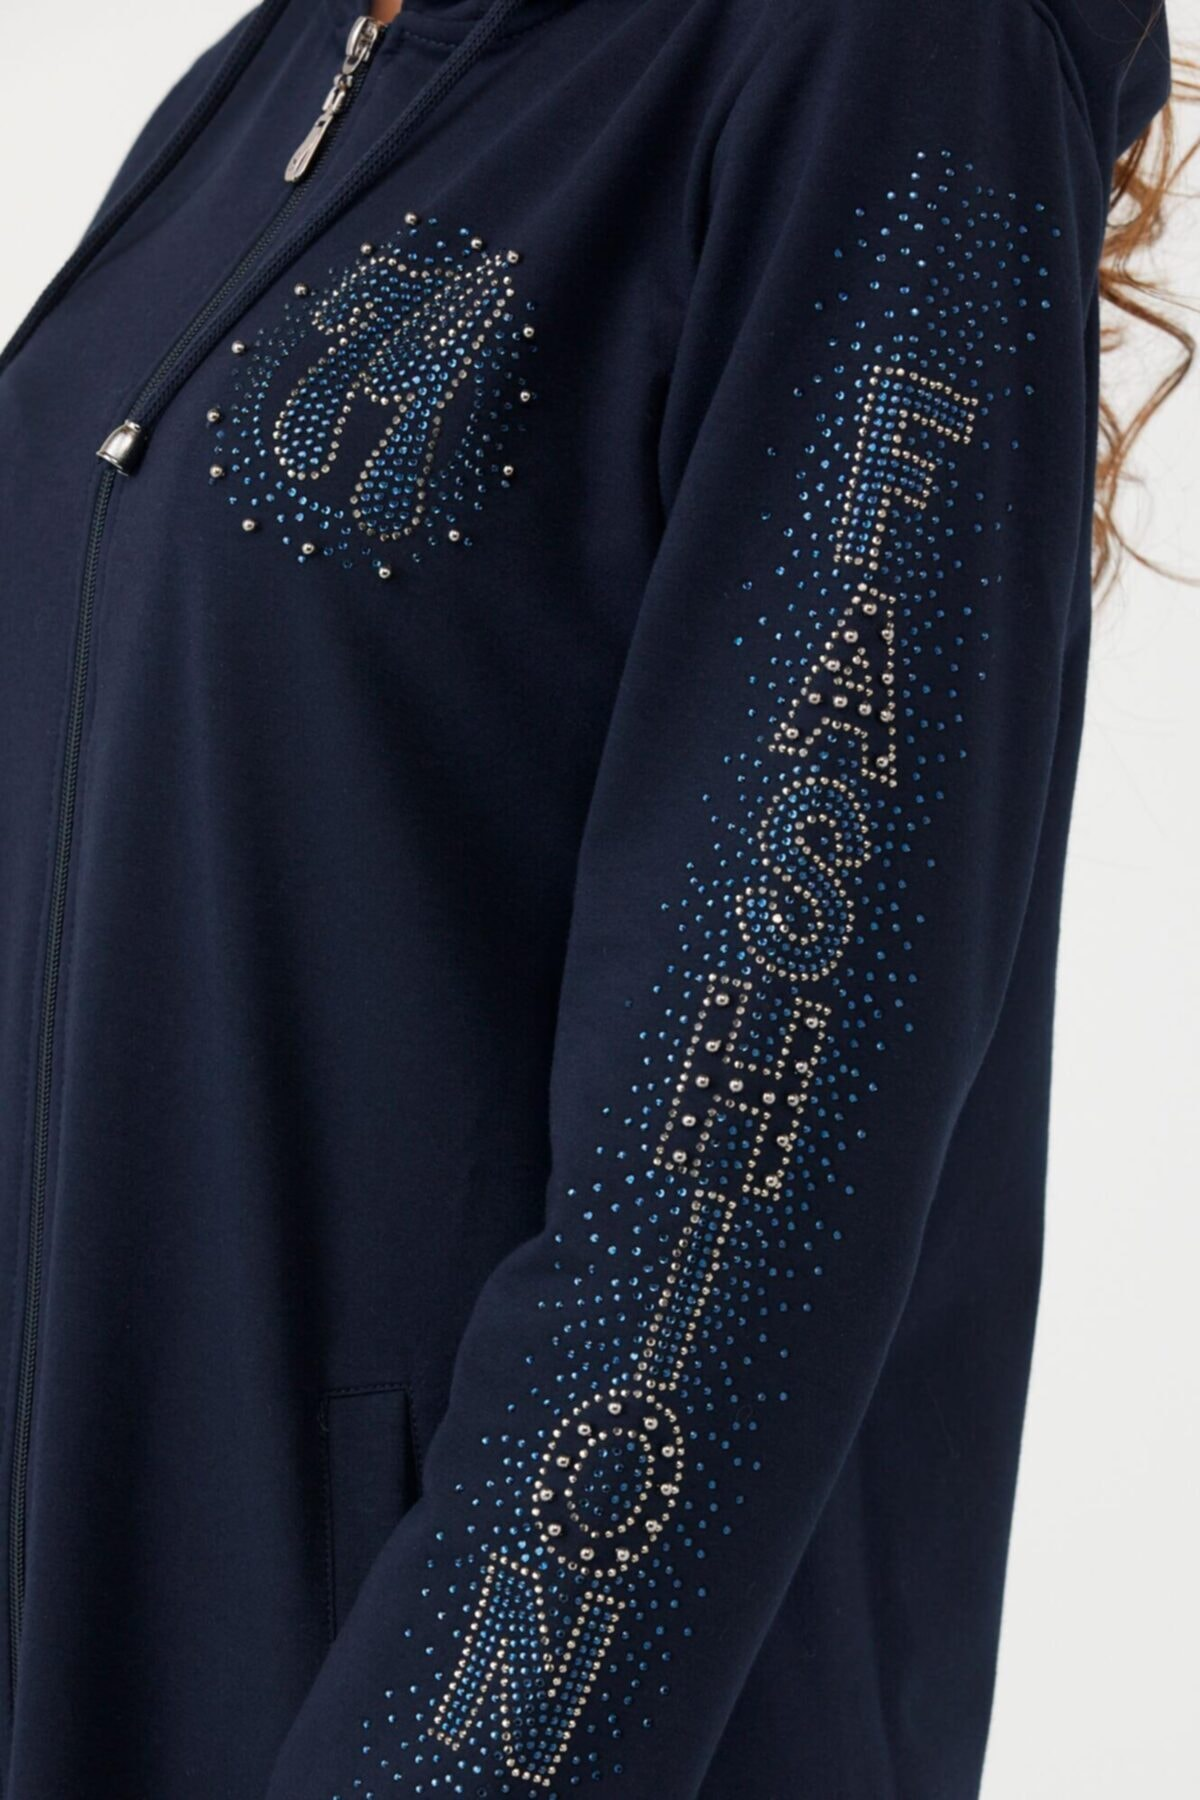 Sementa Kapüşonlu Taş Detayl Fermuarlıı Kadın Tunik - Lacivert 2